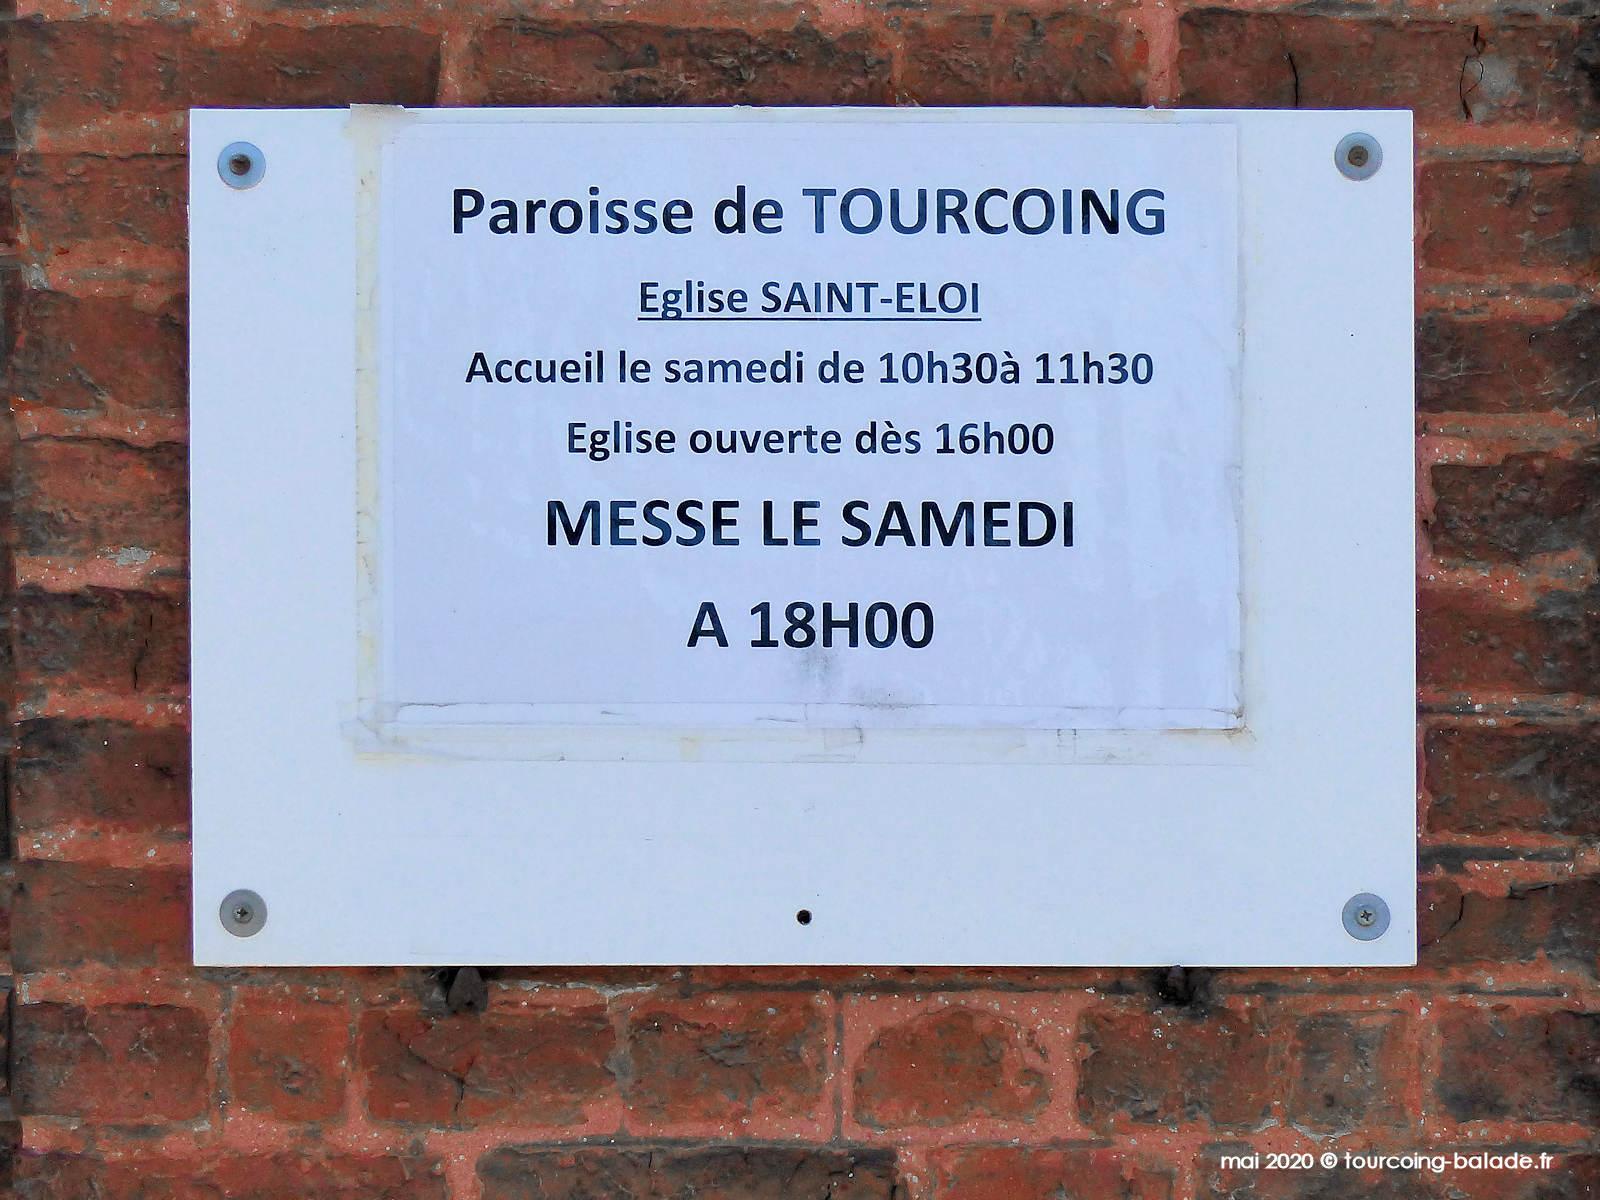 Horaires des messes : Église Saint-Éloi, Tourcoing, 2020